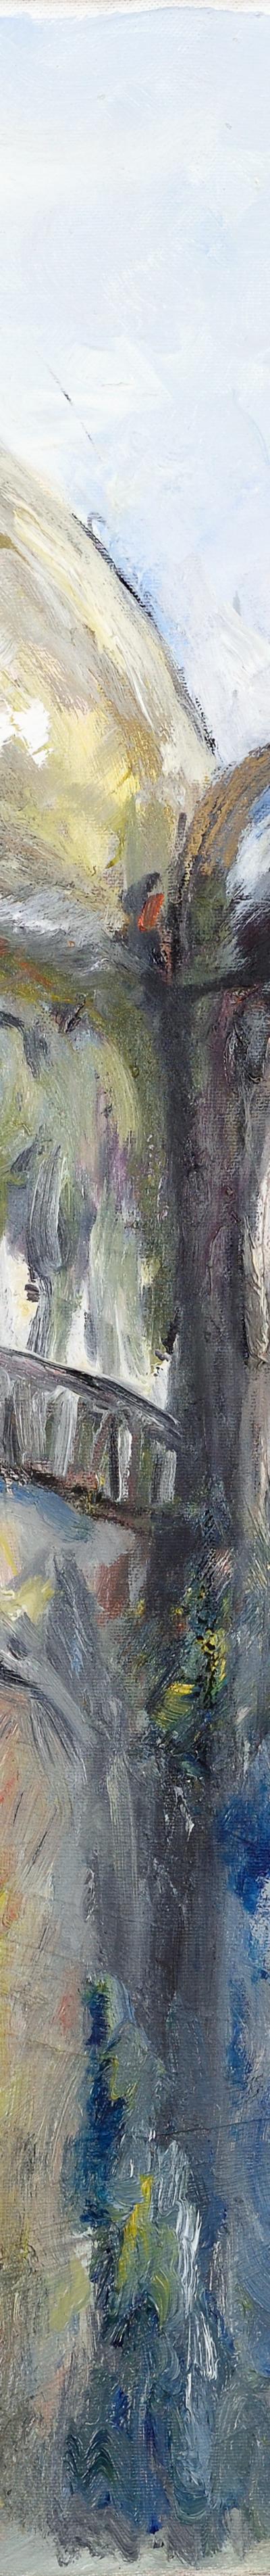 johann, panorama 70x70 cm, oil on canvas